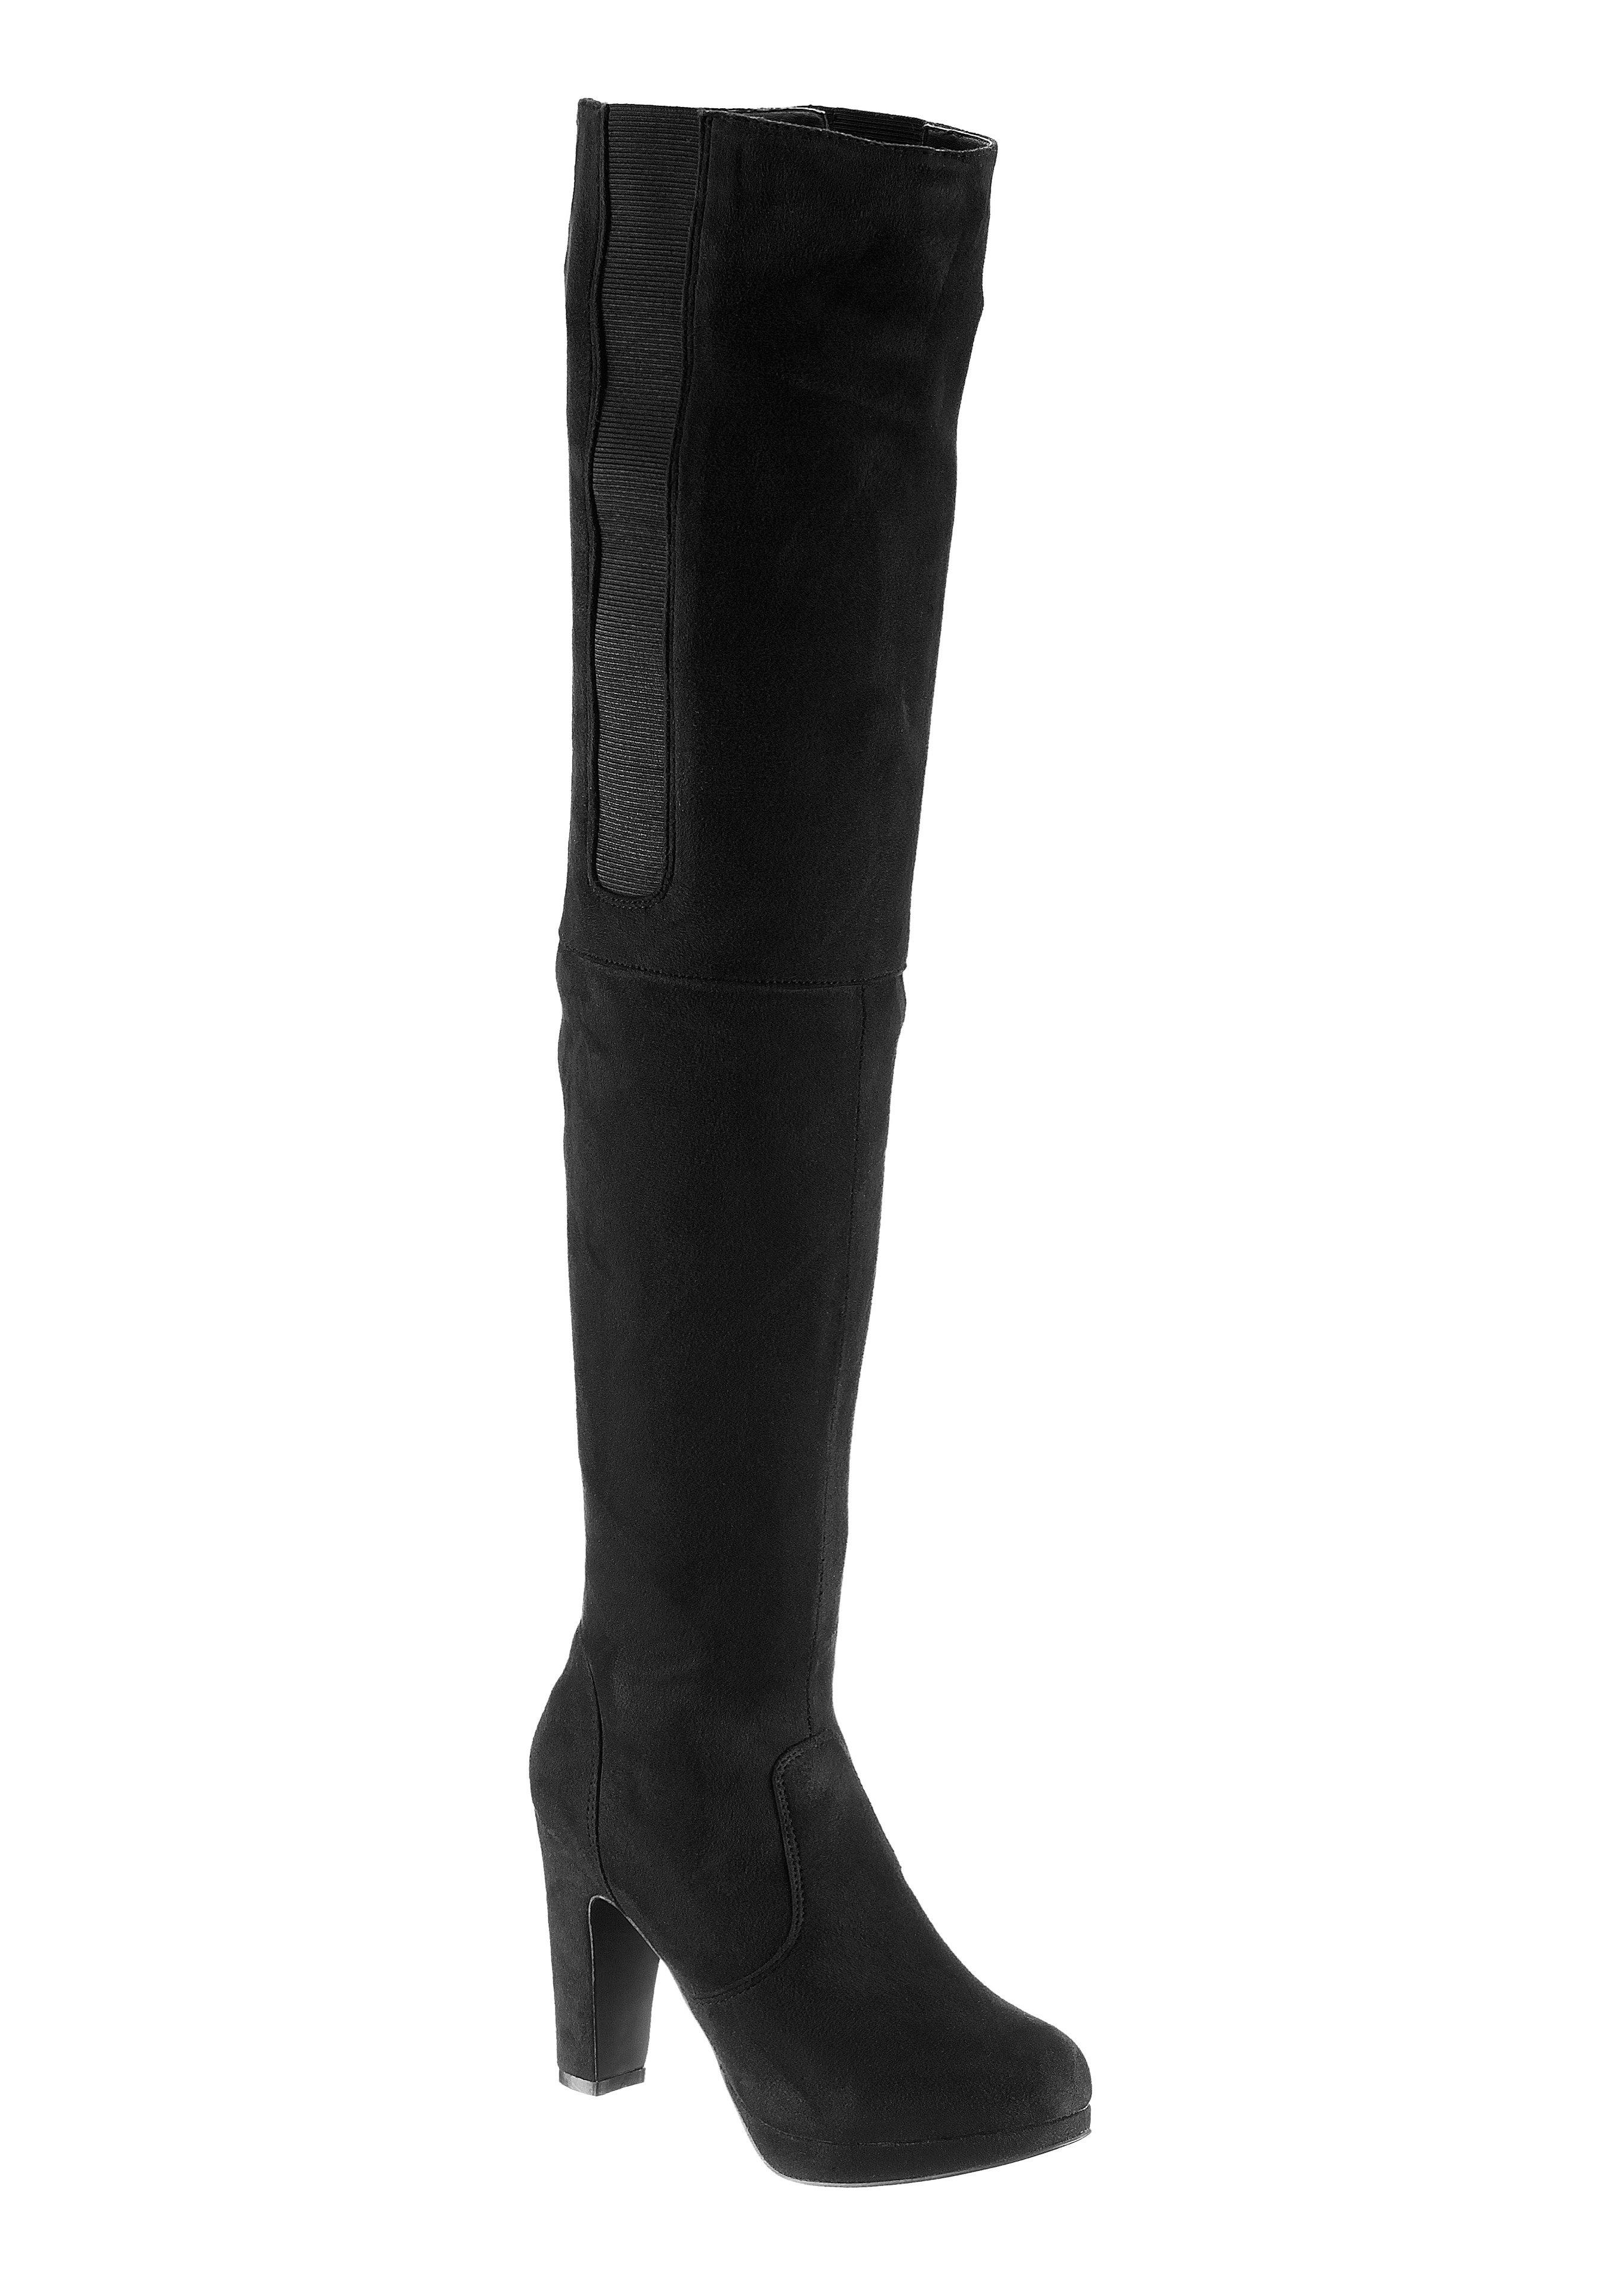 City Walk Overknee-laarzen in suède-look voordelig en veilig online kopen